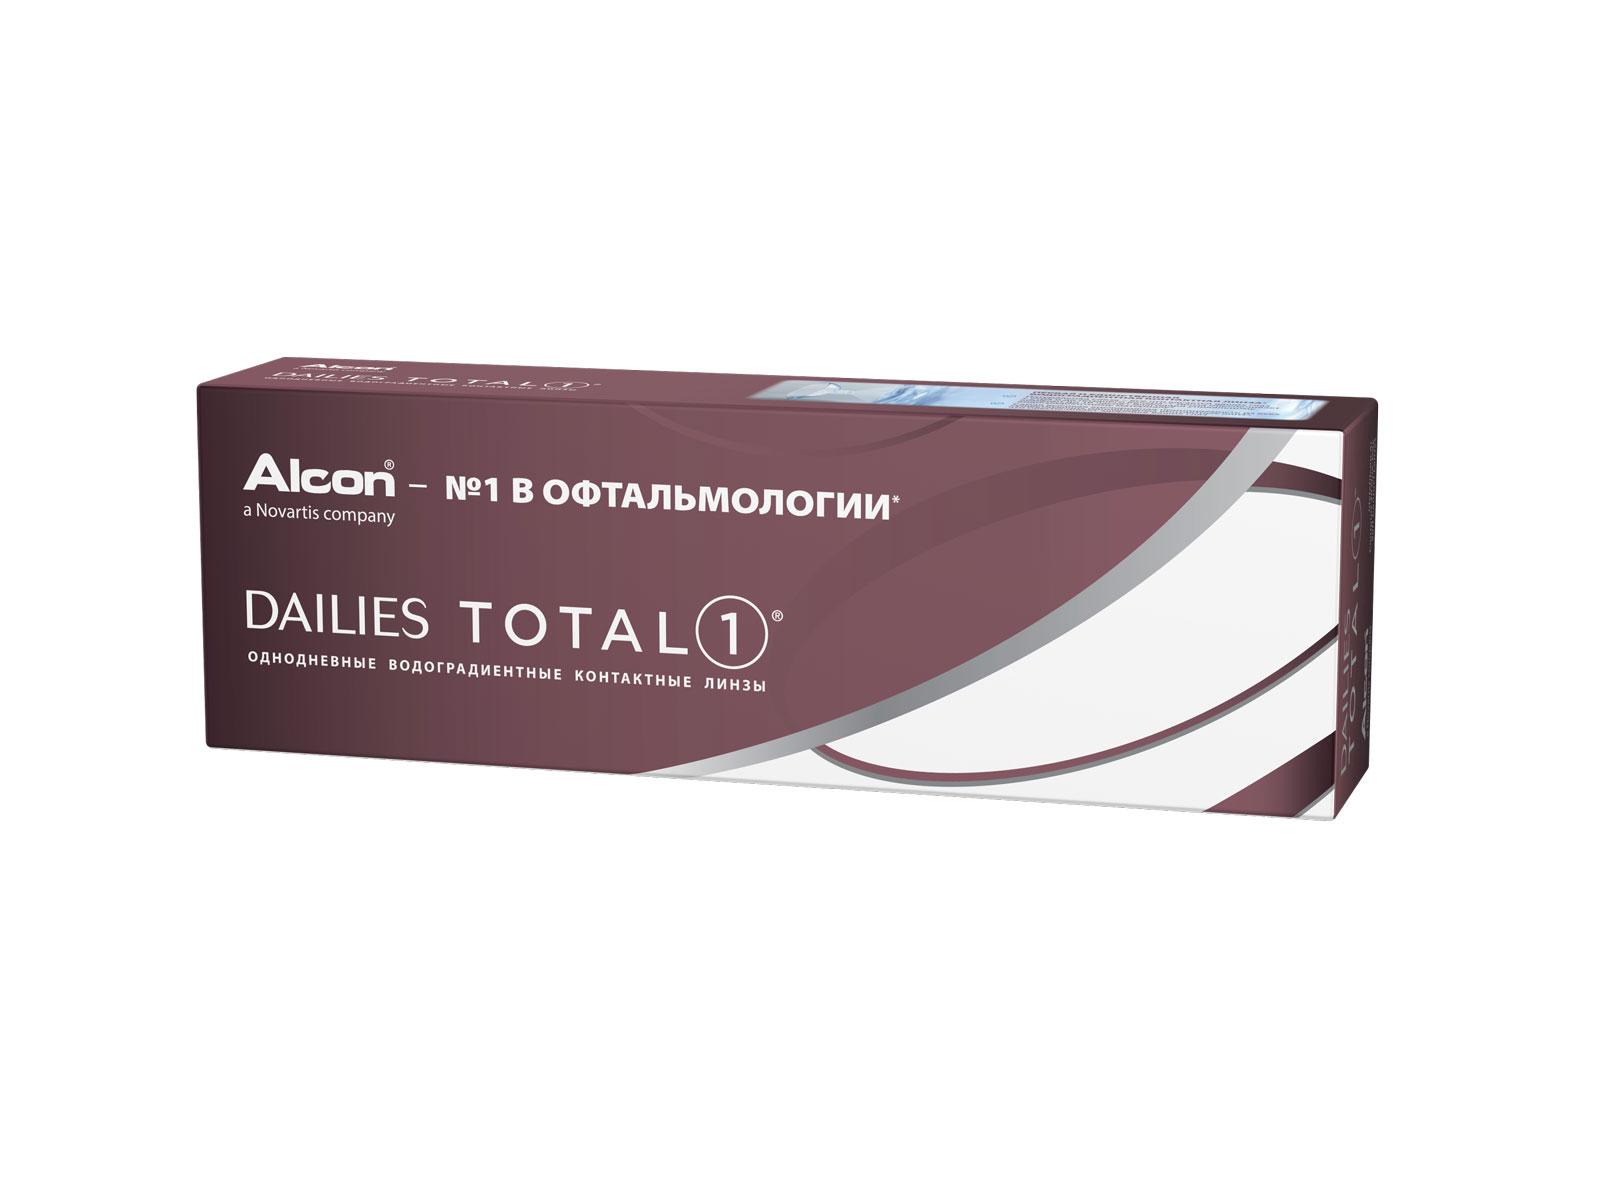 Alcon контактные линзы Dailies Total 1 30pk /+2.25 / 8.5 / 14.1100001905Dailies Total 1 – линзы, которые не чувствуешь с утра и до поздного вечера. Эти однодневные контактные линзы выполнены из уникального водоградиентного материала, багодаря которому натуральная слеза – это все, что касается ваших глаз. Почти 100% влаги на поверхности обеспечивают непревзойденный комфорт до 16 часов ношения.